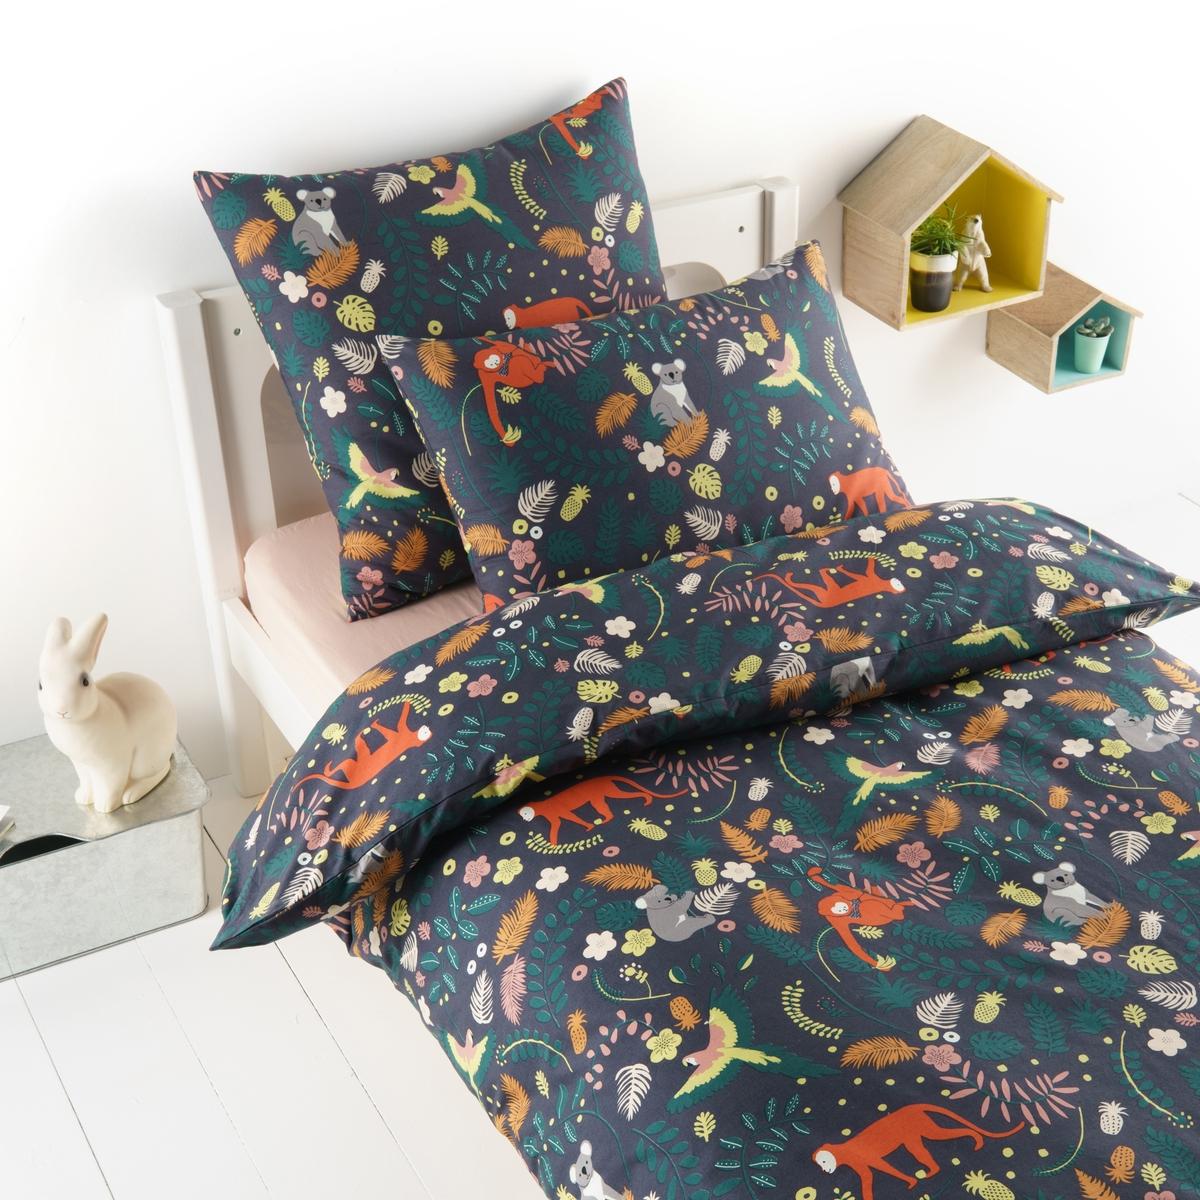 Пододеяльник из стираной перкали, JangalПододеяльник Jangal. Рисунок, изображающий джунгли с очаровательными коалами, хитрыми обезьянами и разноцветными попугаями для красивых снов. Из стираной перкали, 100% хлопок, с очень плотным переплетением нитей (80 нитей/см?), состоит из очень тонких нитей, сделанных из длинных волокон, гарантия качества.Материал : - Стираная перкаль, 100% хлопокОтделка :- Застежка на пуговицы  Уход :- Машинная стирка при 40 °СРазмеры :140 x 200 см : 1-сп.200 х 200 см : 1-2-сп.Знак Oeko-Tex® гарантирует, что товары прошли проверку и были изготовлены без применения вредных для здоровья человека веществ.<br><br>Цвет: набивной рисунок